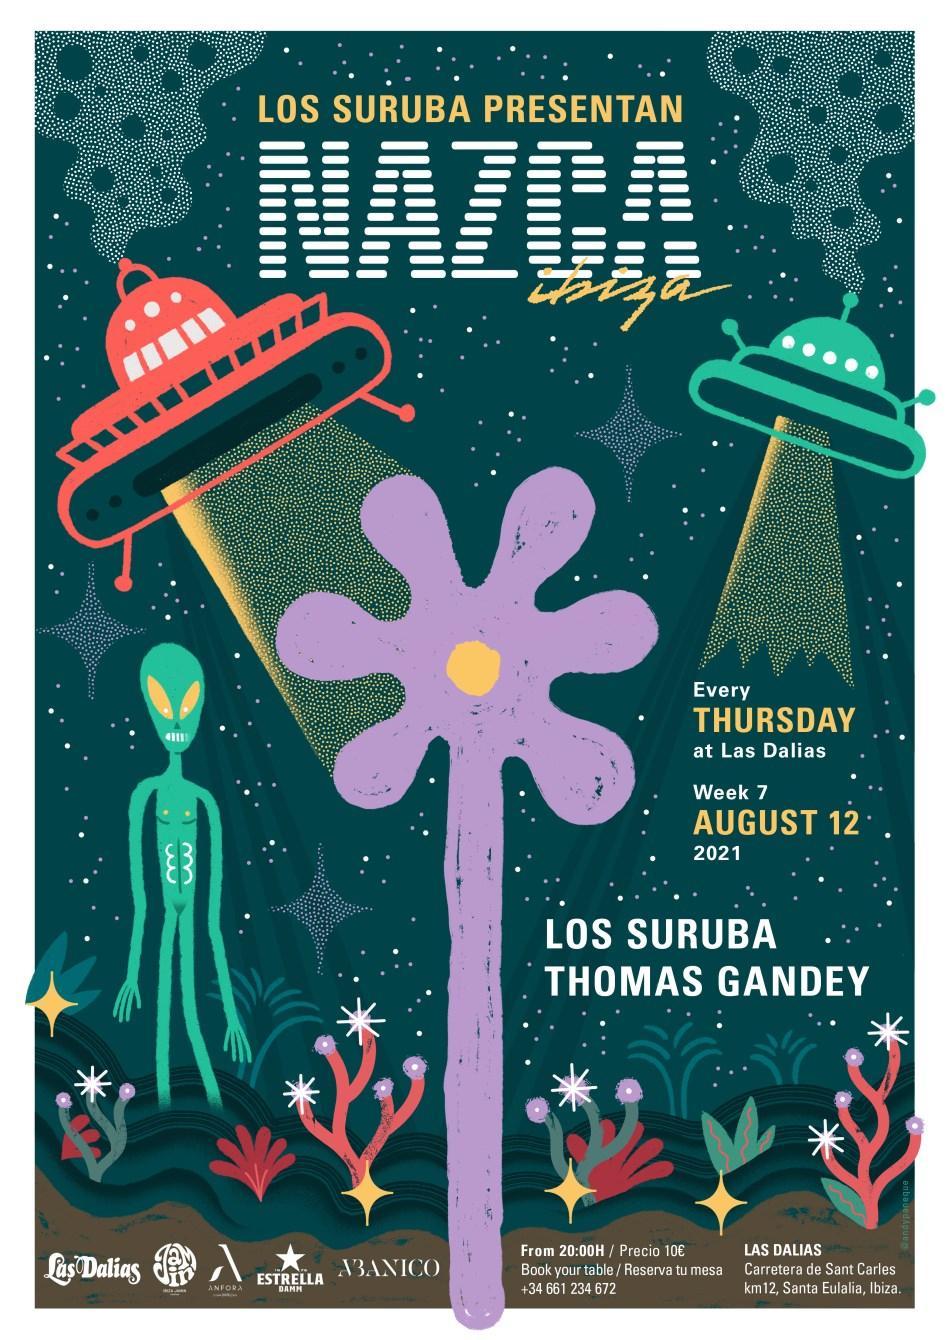 Los Suruba presentan Nazca Ibiza / Week7 with Thomas Gandey - Flyer front